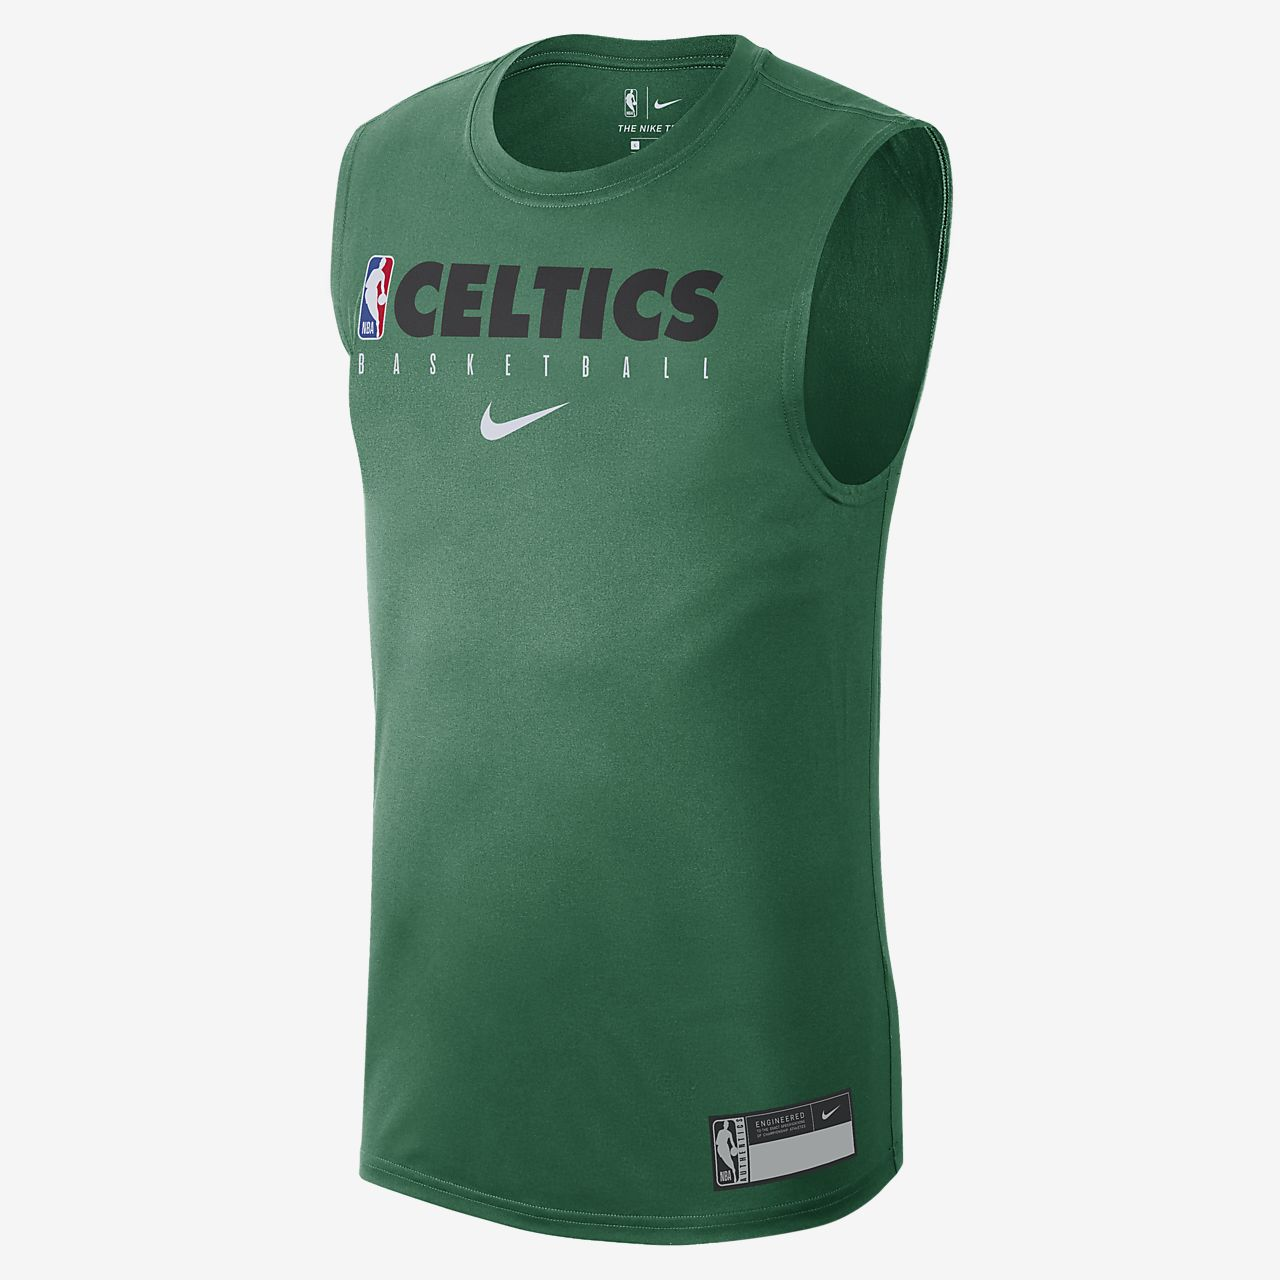 Celtics Training Graphic Men's Nike NBA T-Shirt